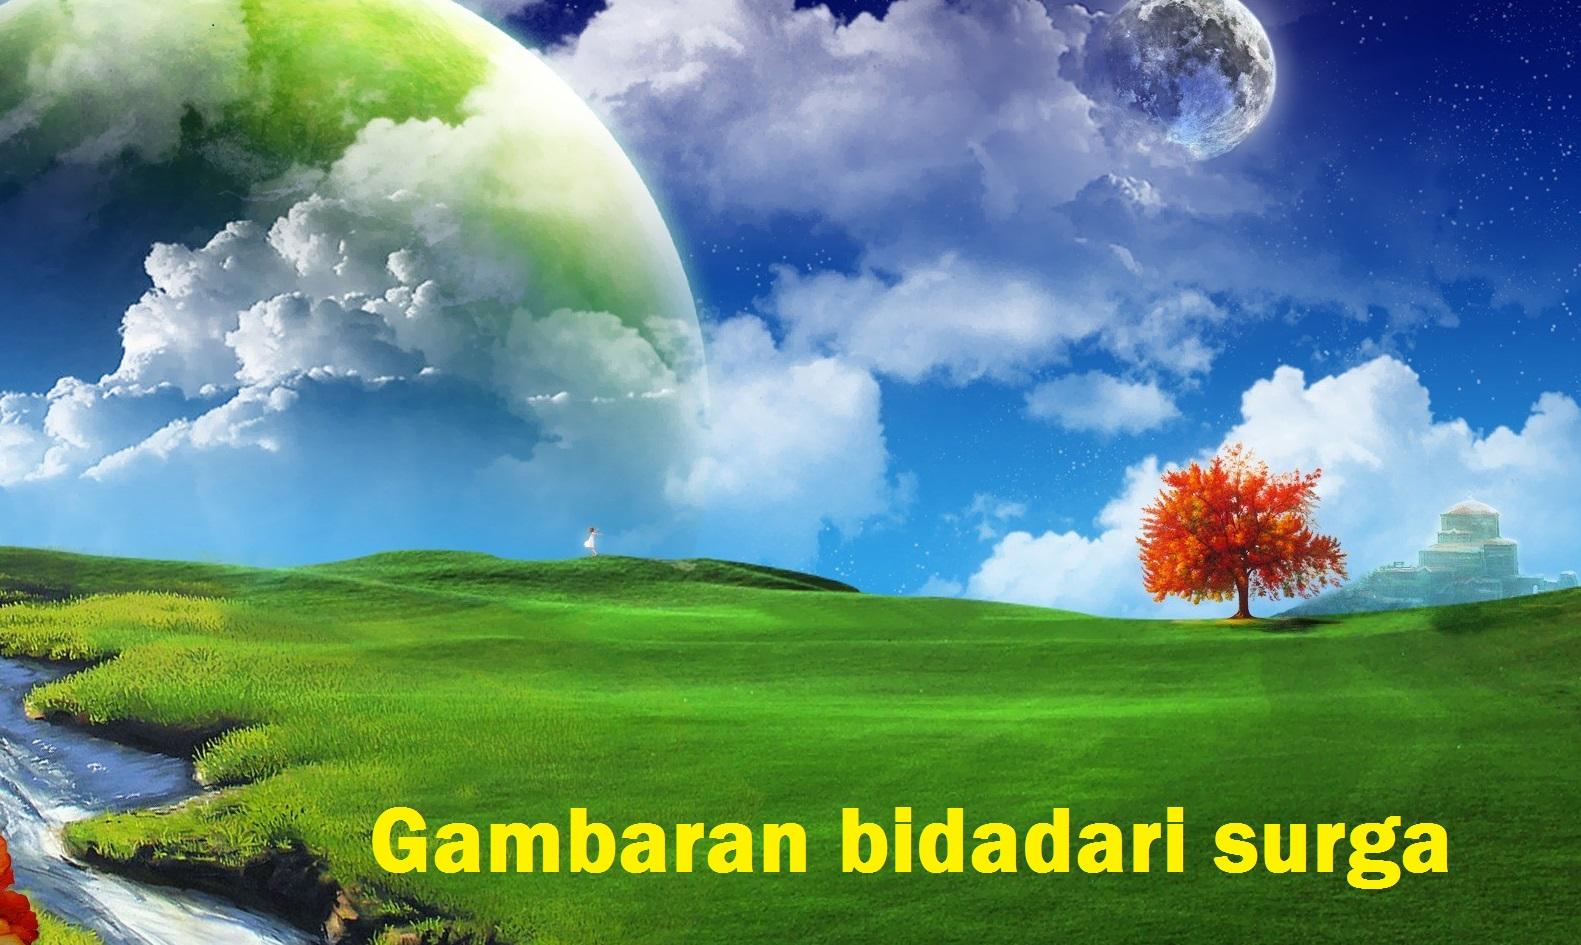 gambaran bidadari surga Alloh menurut islam dan al-quran